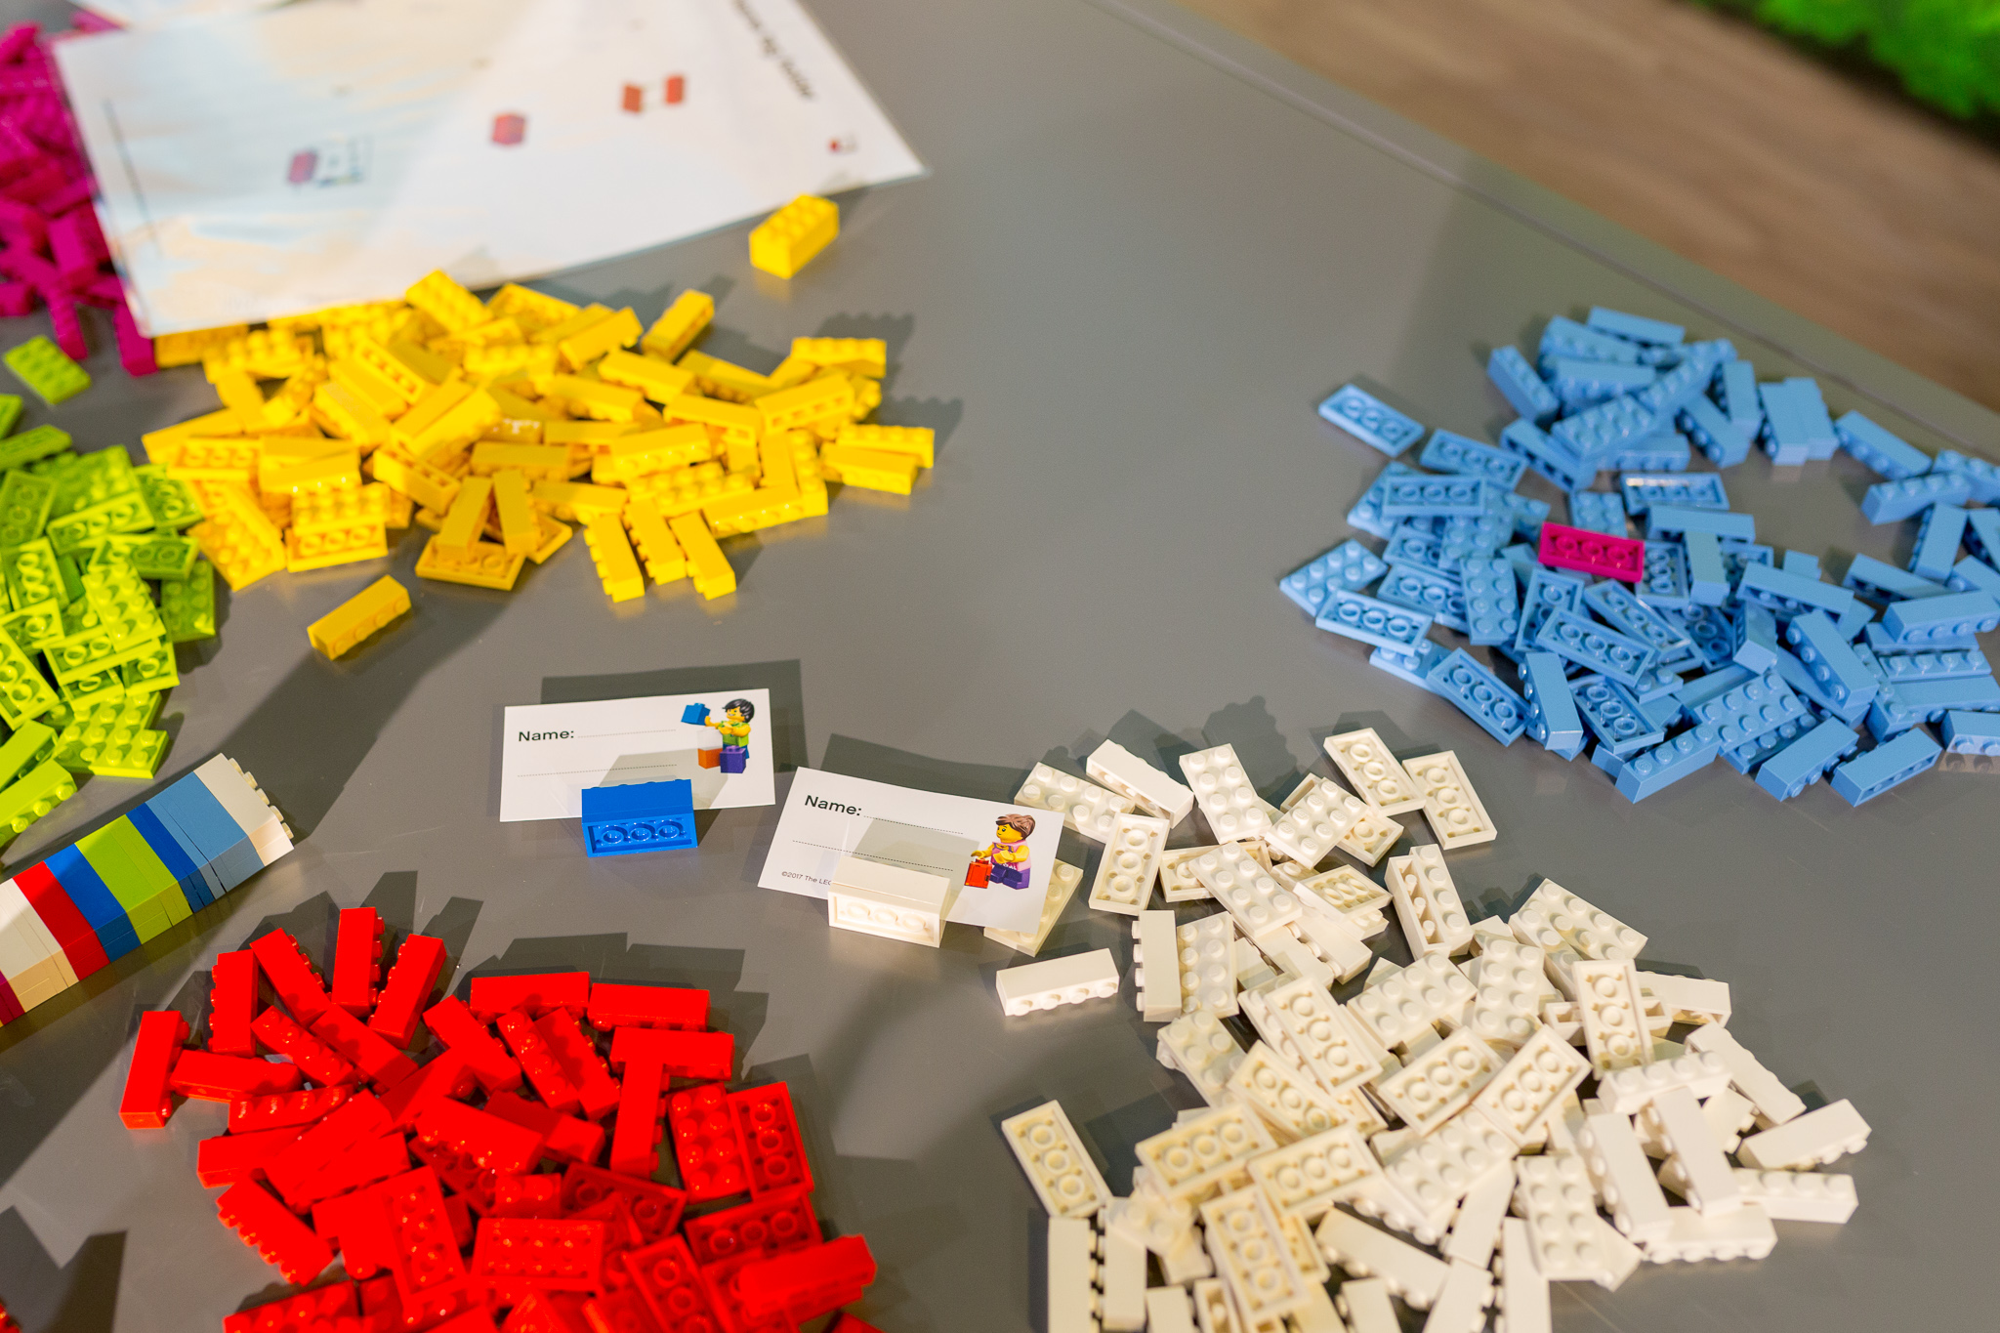 LEGO 60th anniversary at Hamleys London #ad #hamleys #LEGOatHamleys